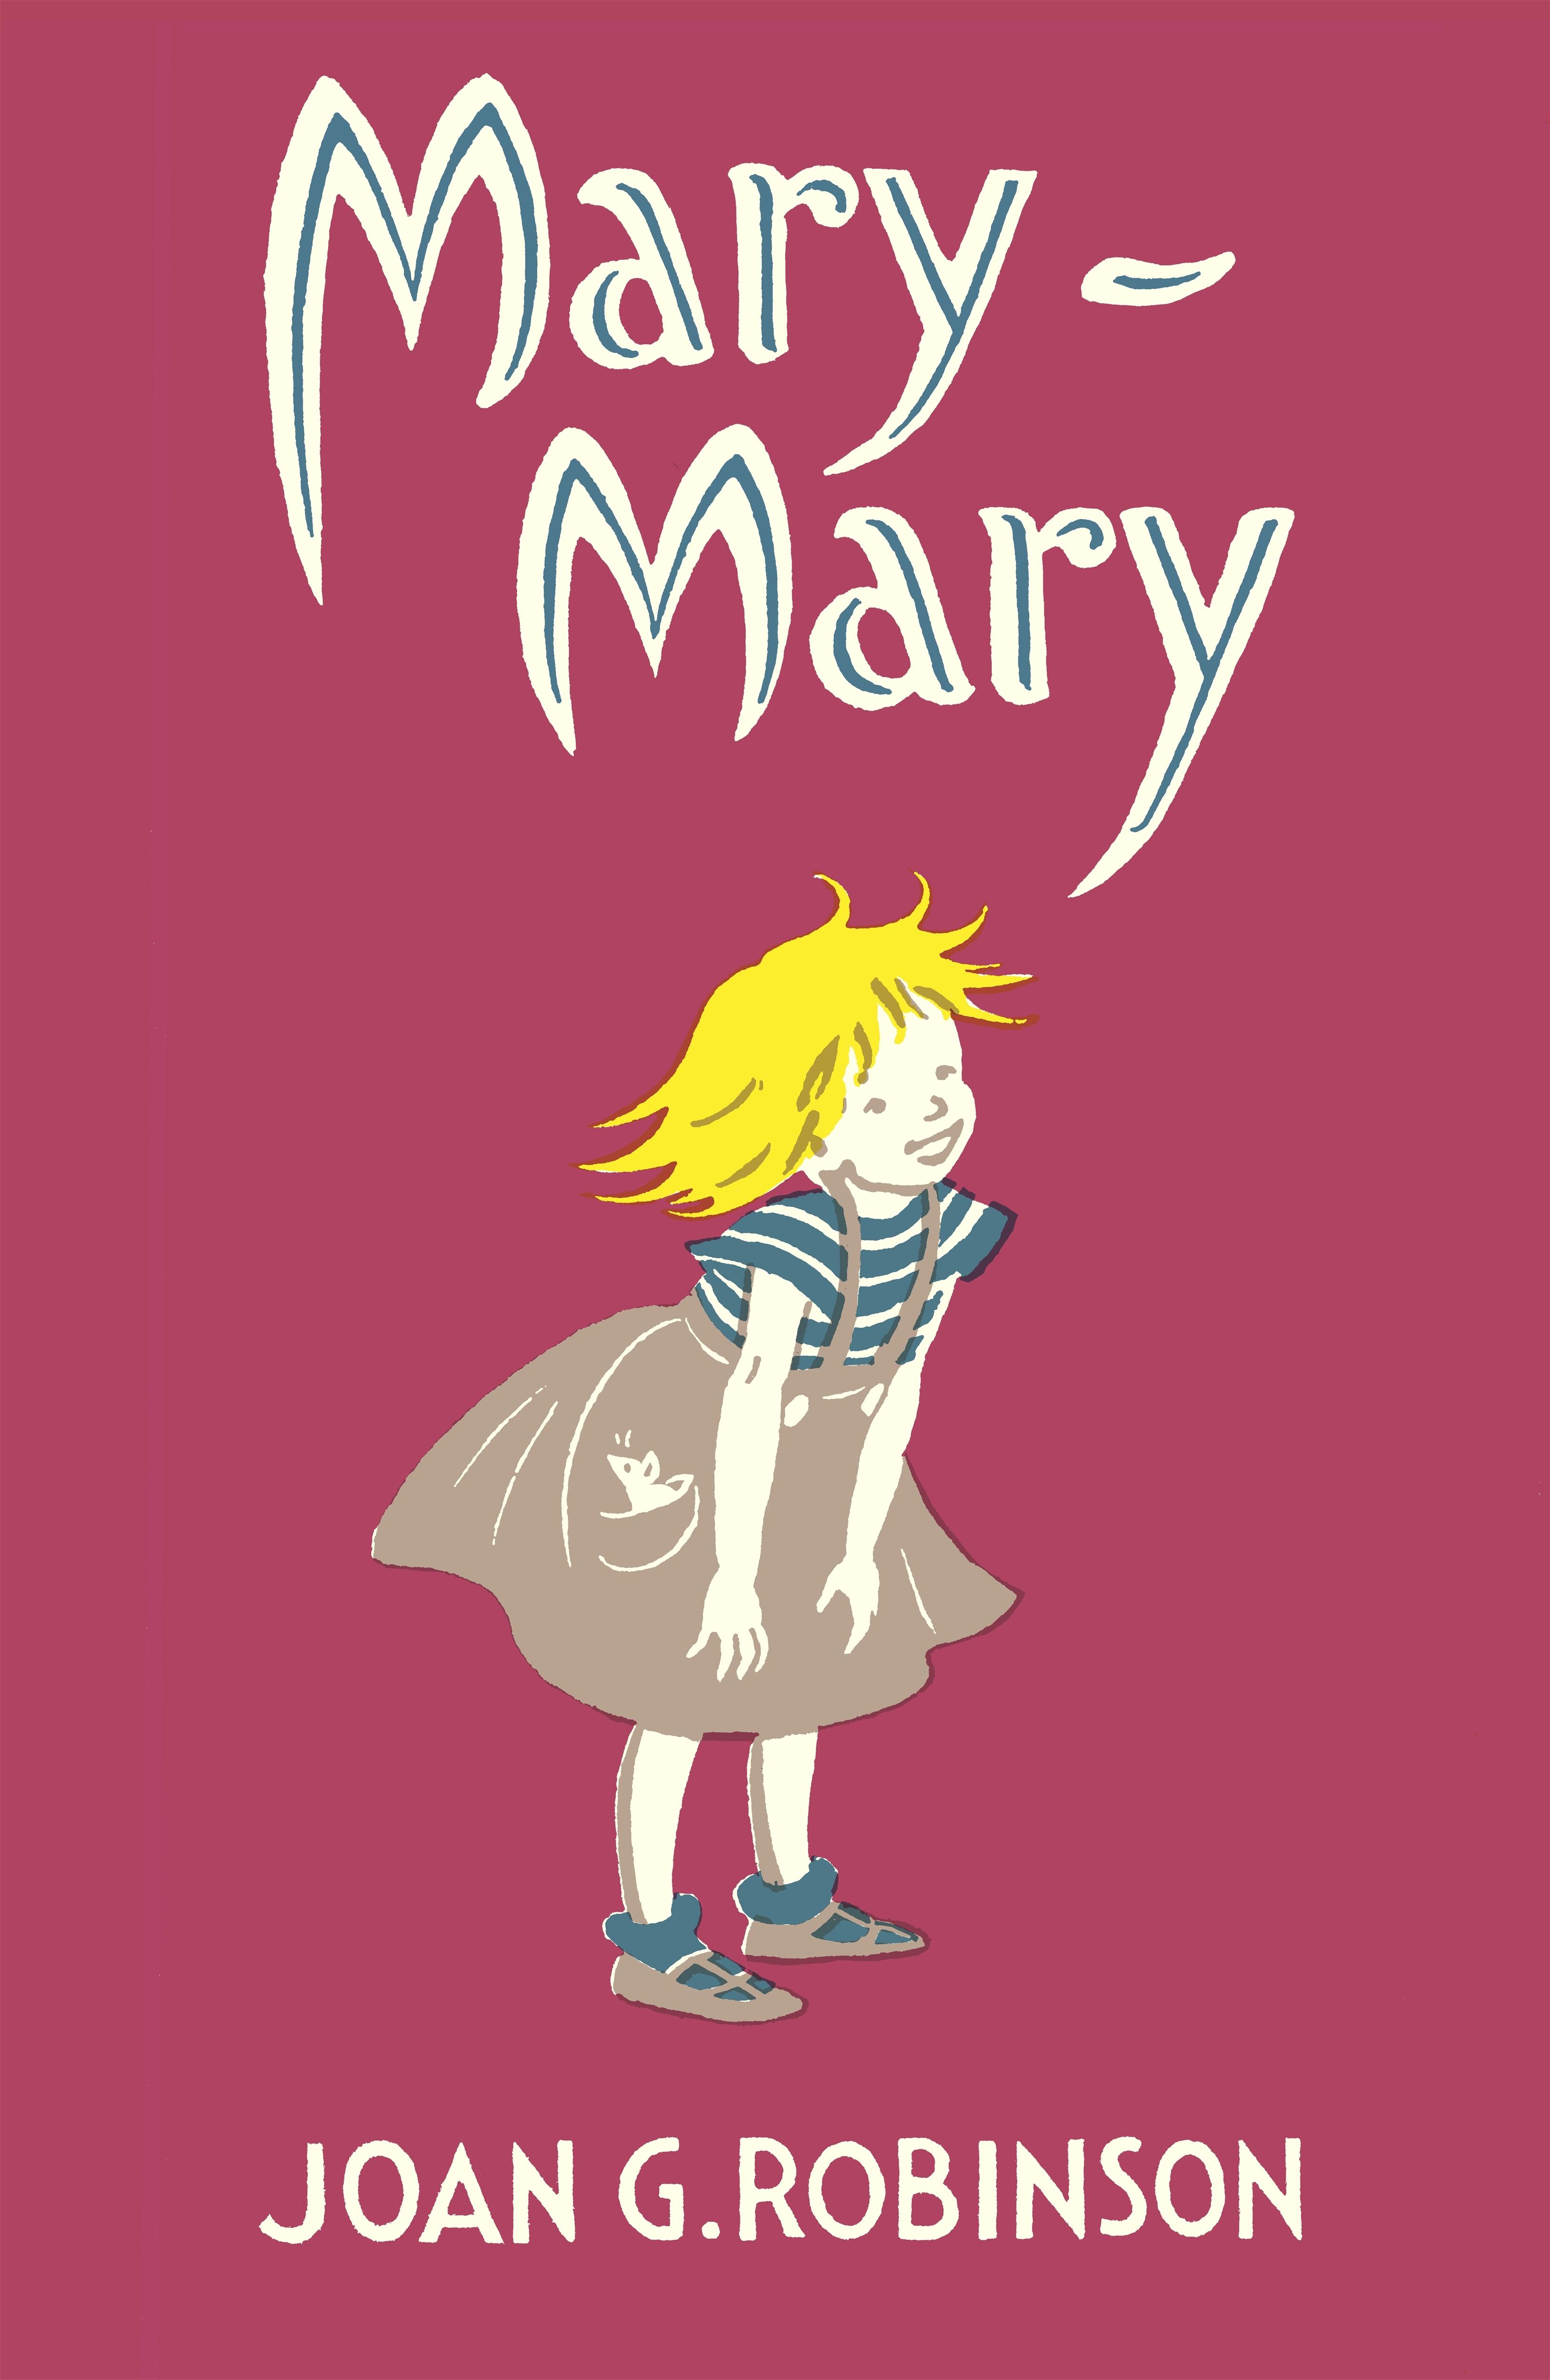 Mary-Mary by Joan G. Robinson